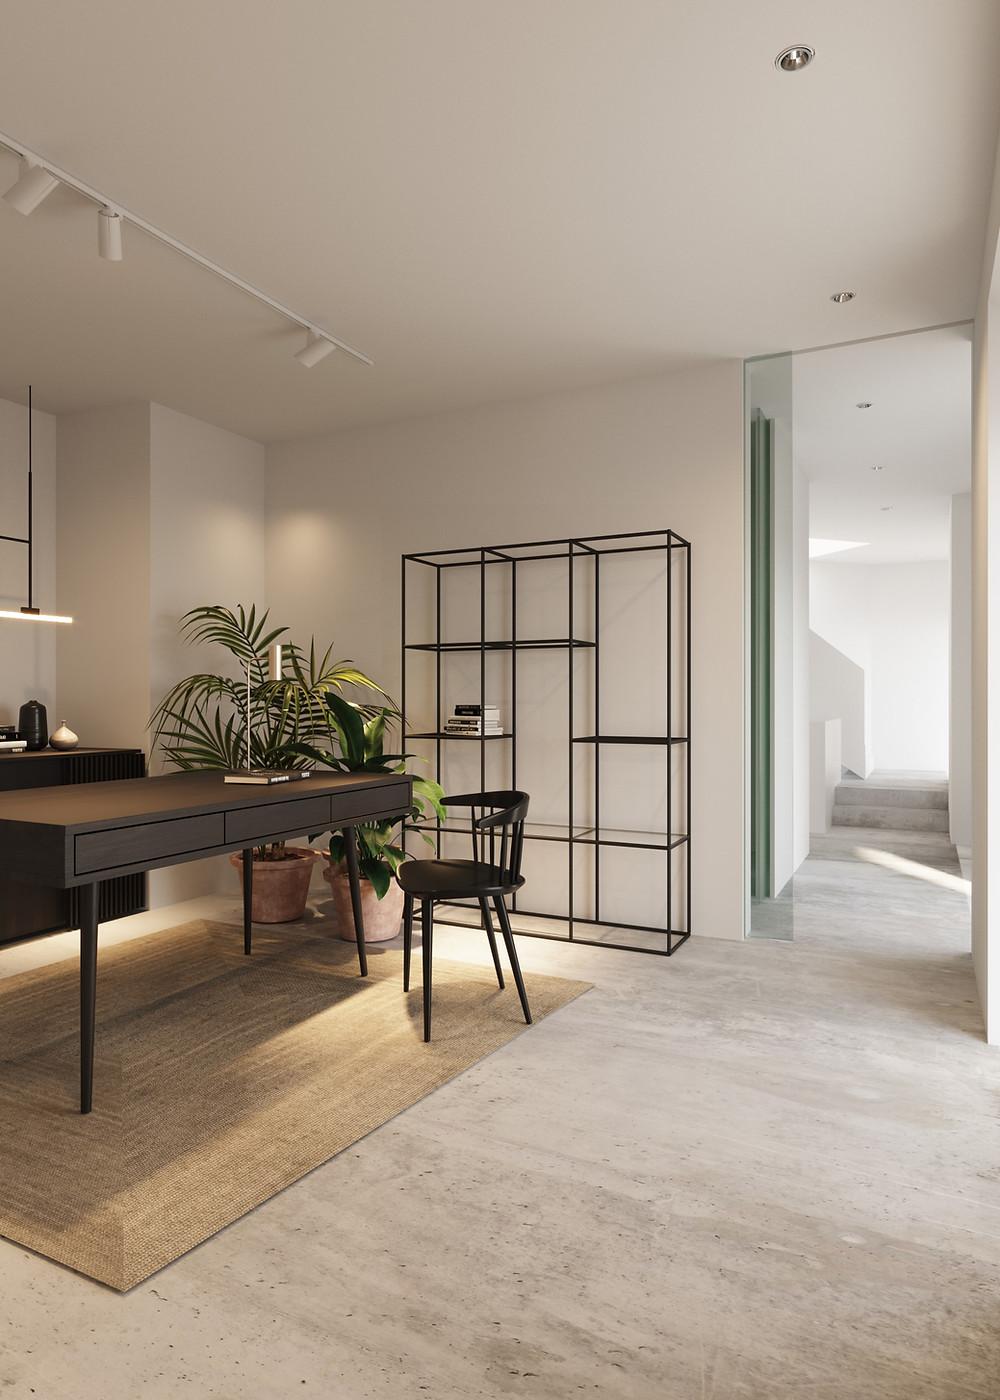 Interior design pharmacy render